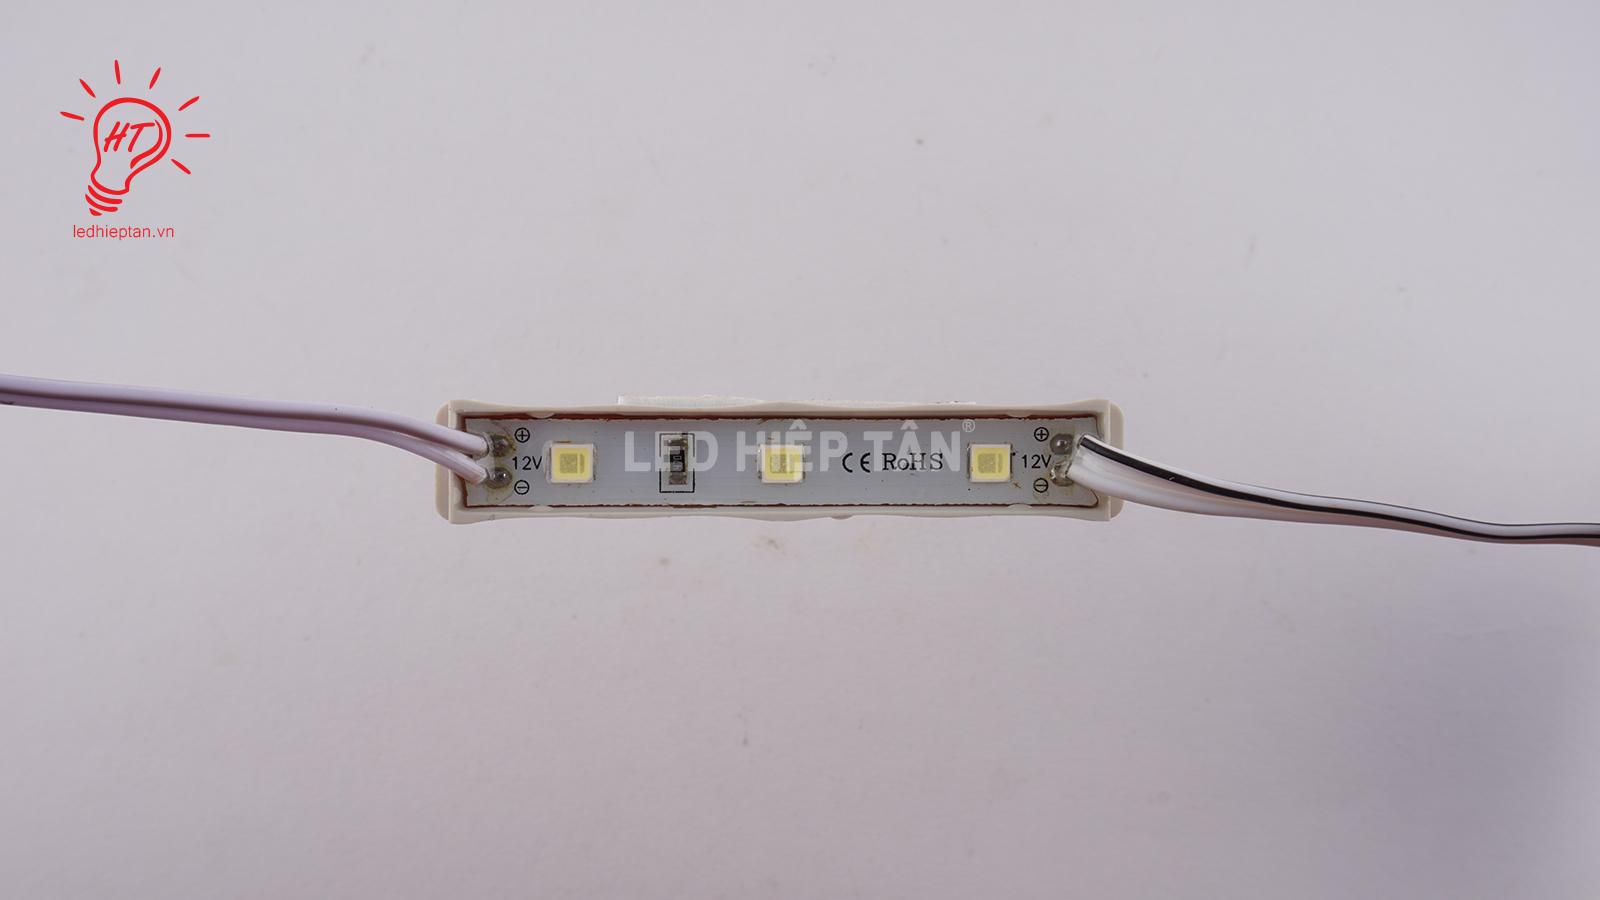 Module LED 4040 6409 3 LED Trắng - Led Hiệp Tân - Vật tư led